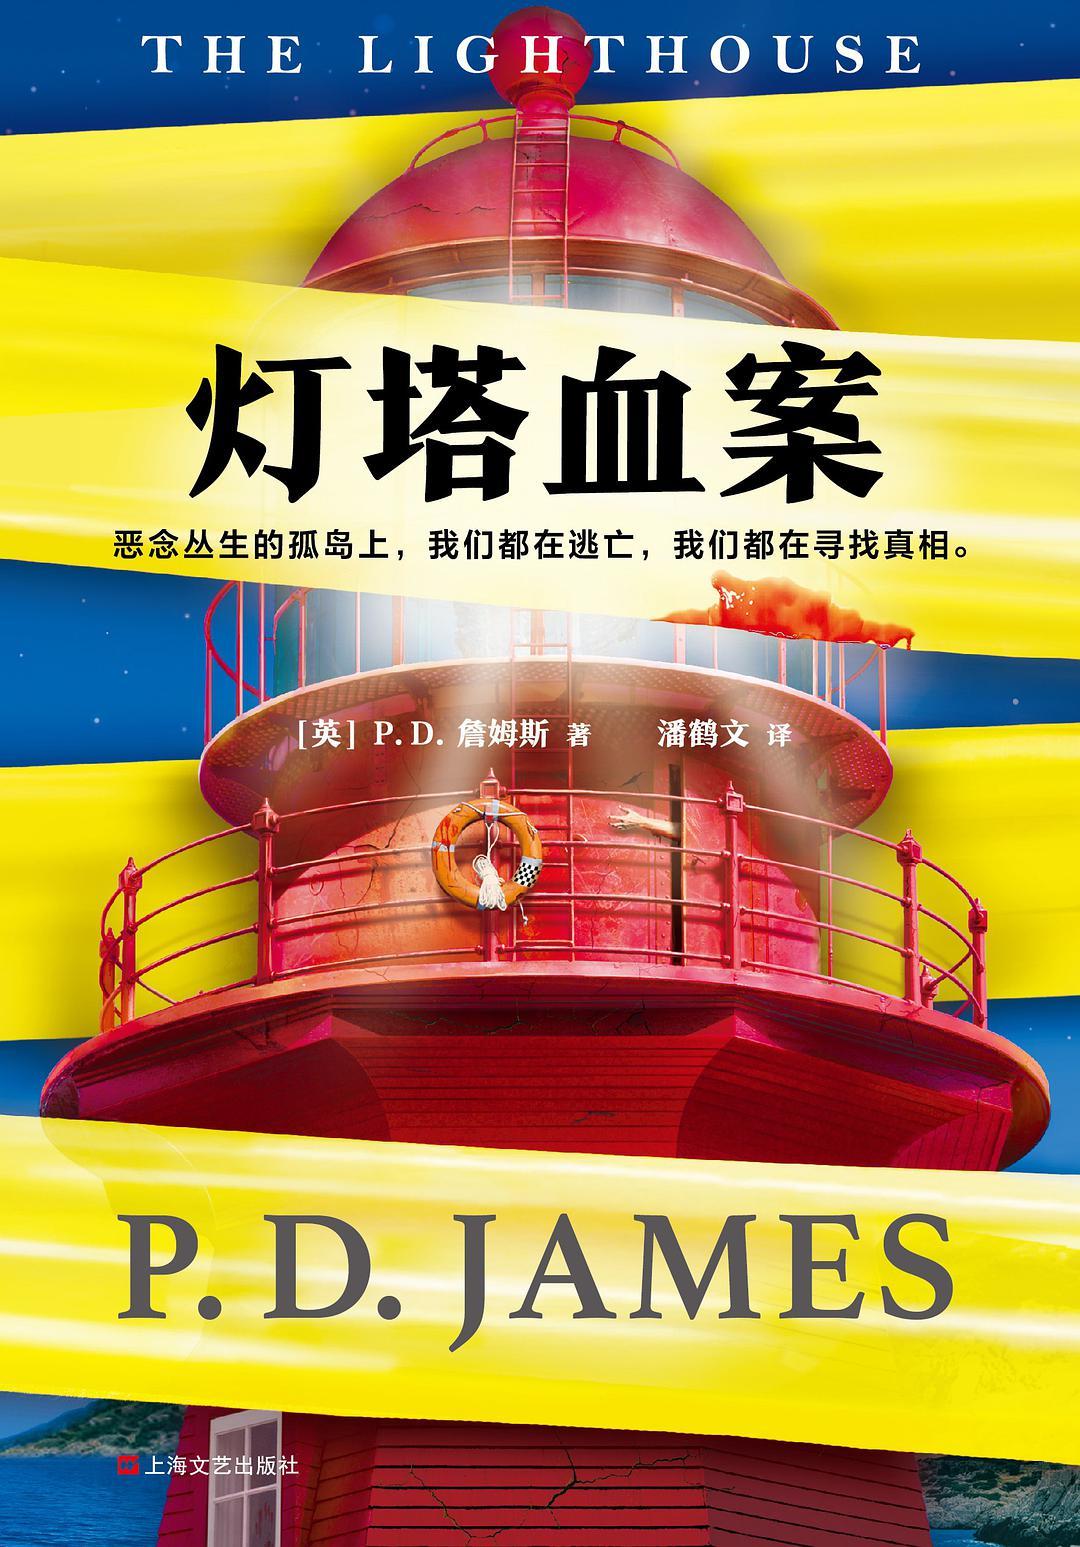 灯塔血案 (中文 language, 2019, 上海文艺出版社)